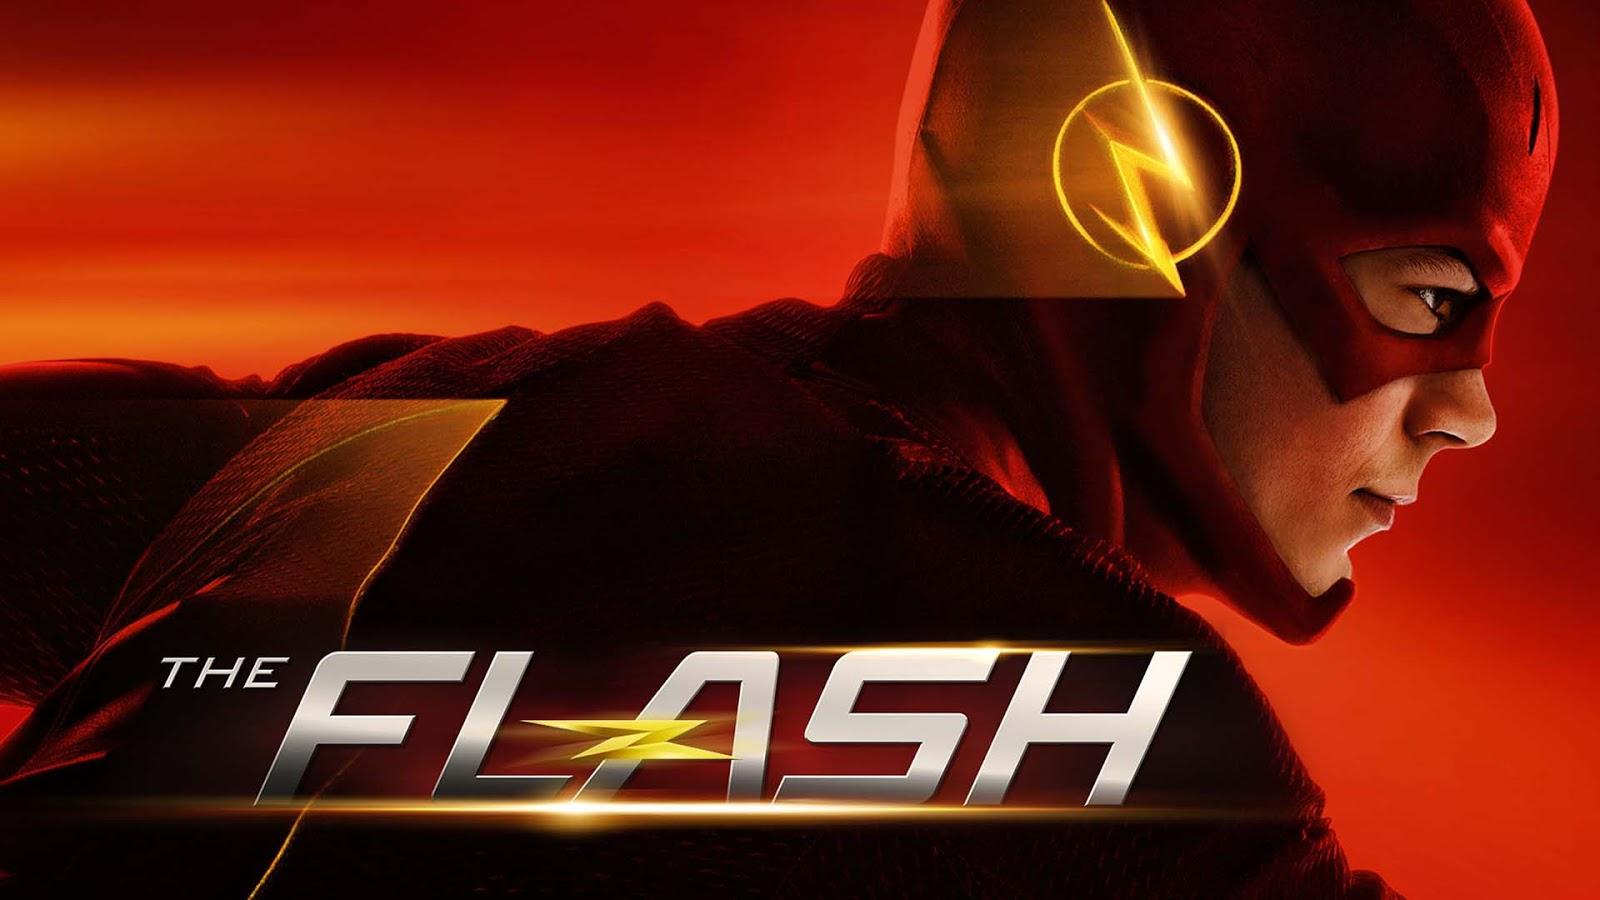 Flash Series Online Watch